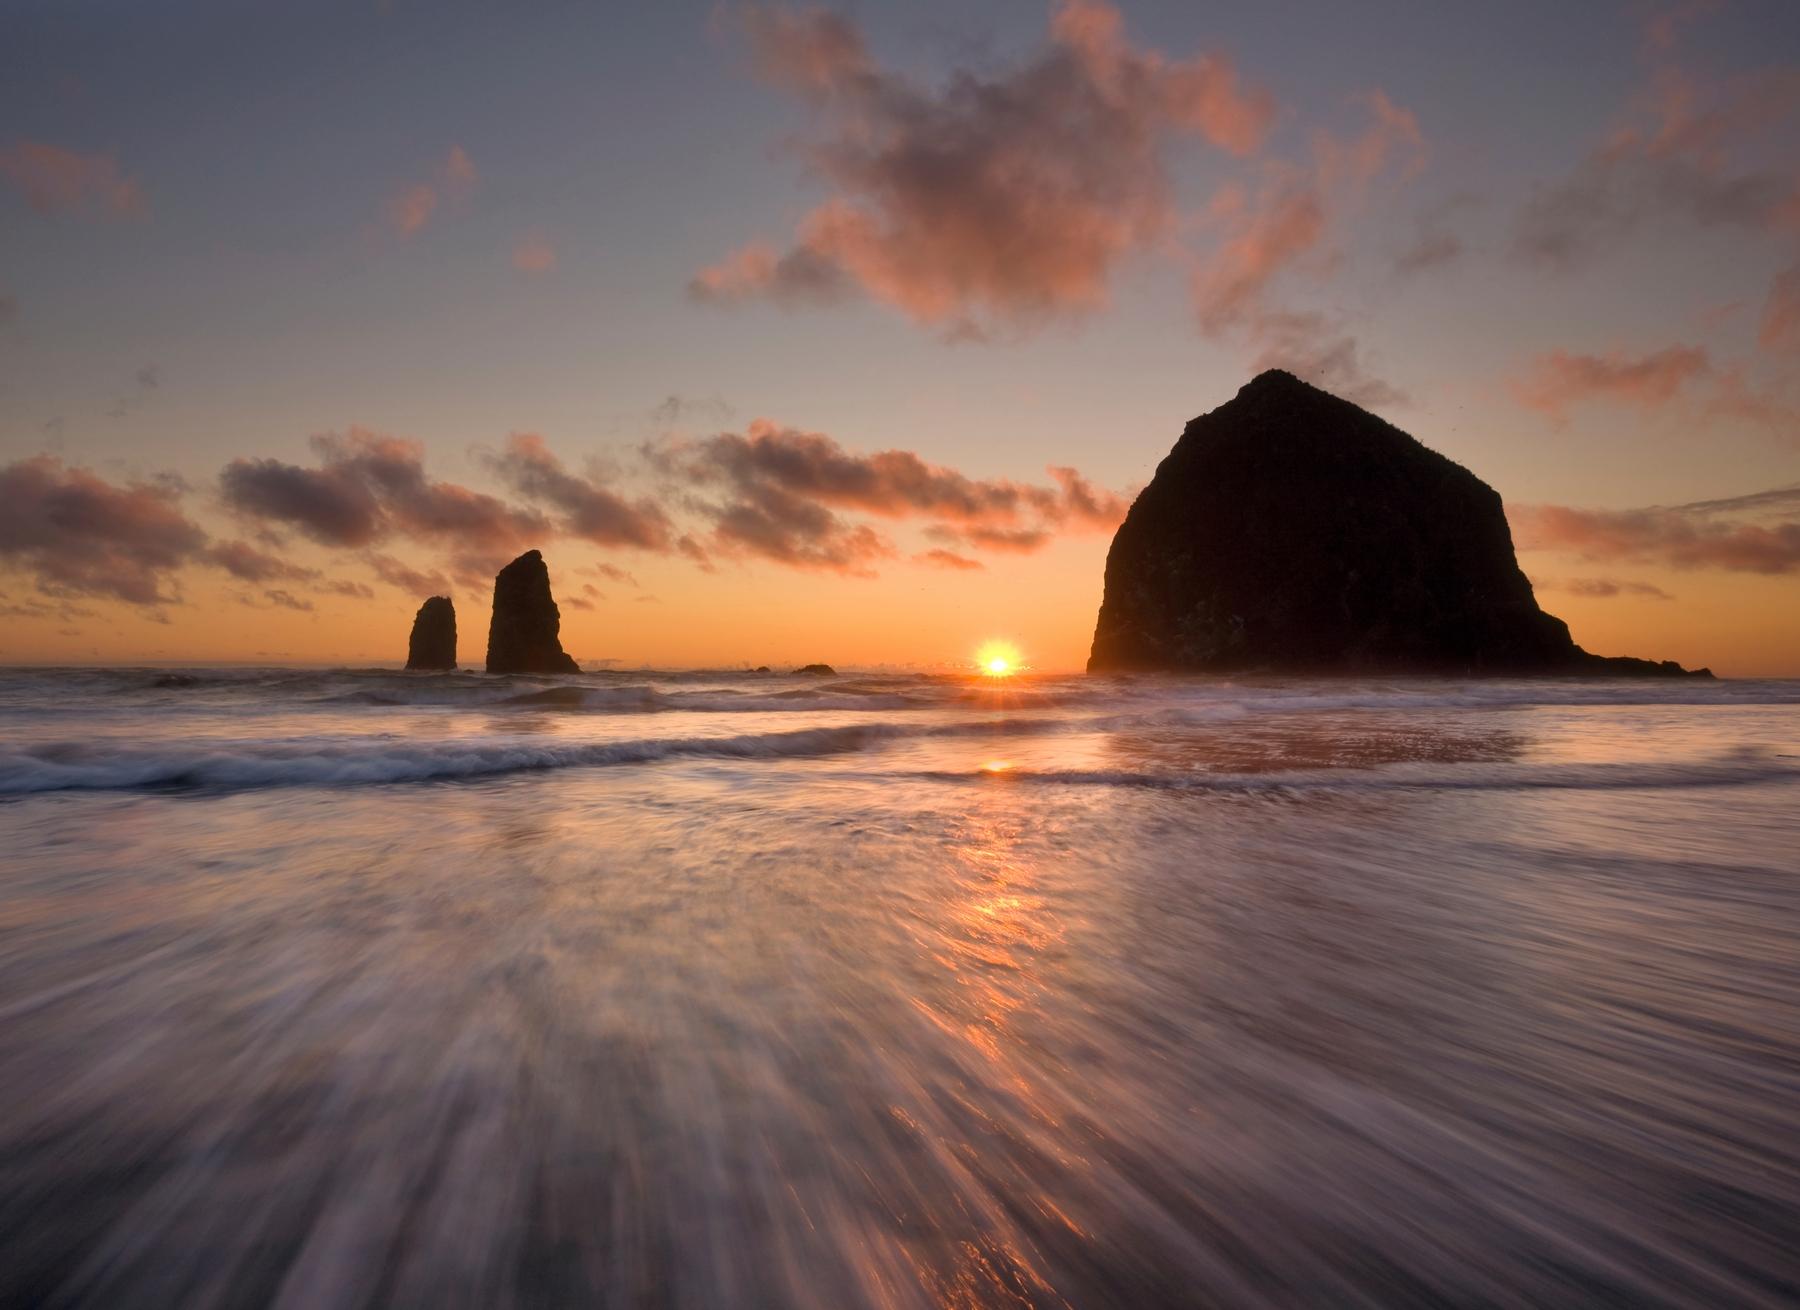 Побережье Нескауина в Орегоне на закате напоминает неизведанные места из приключенческих фильмов.